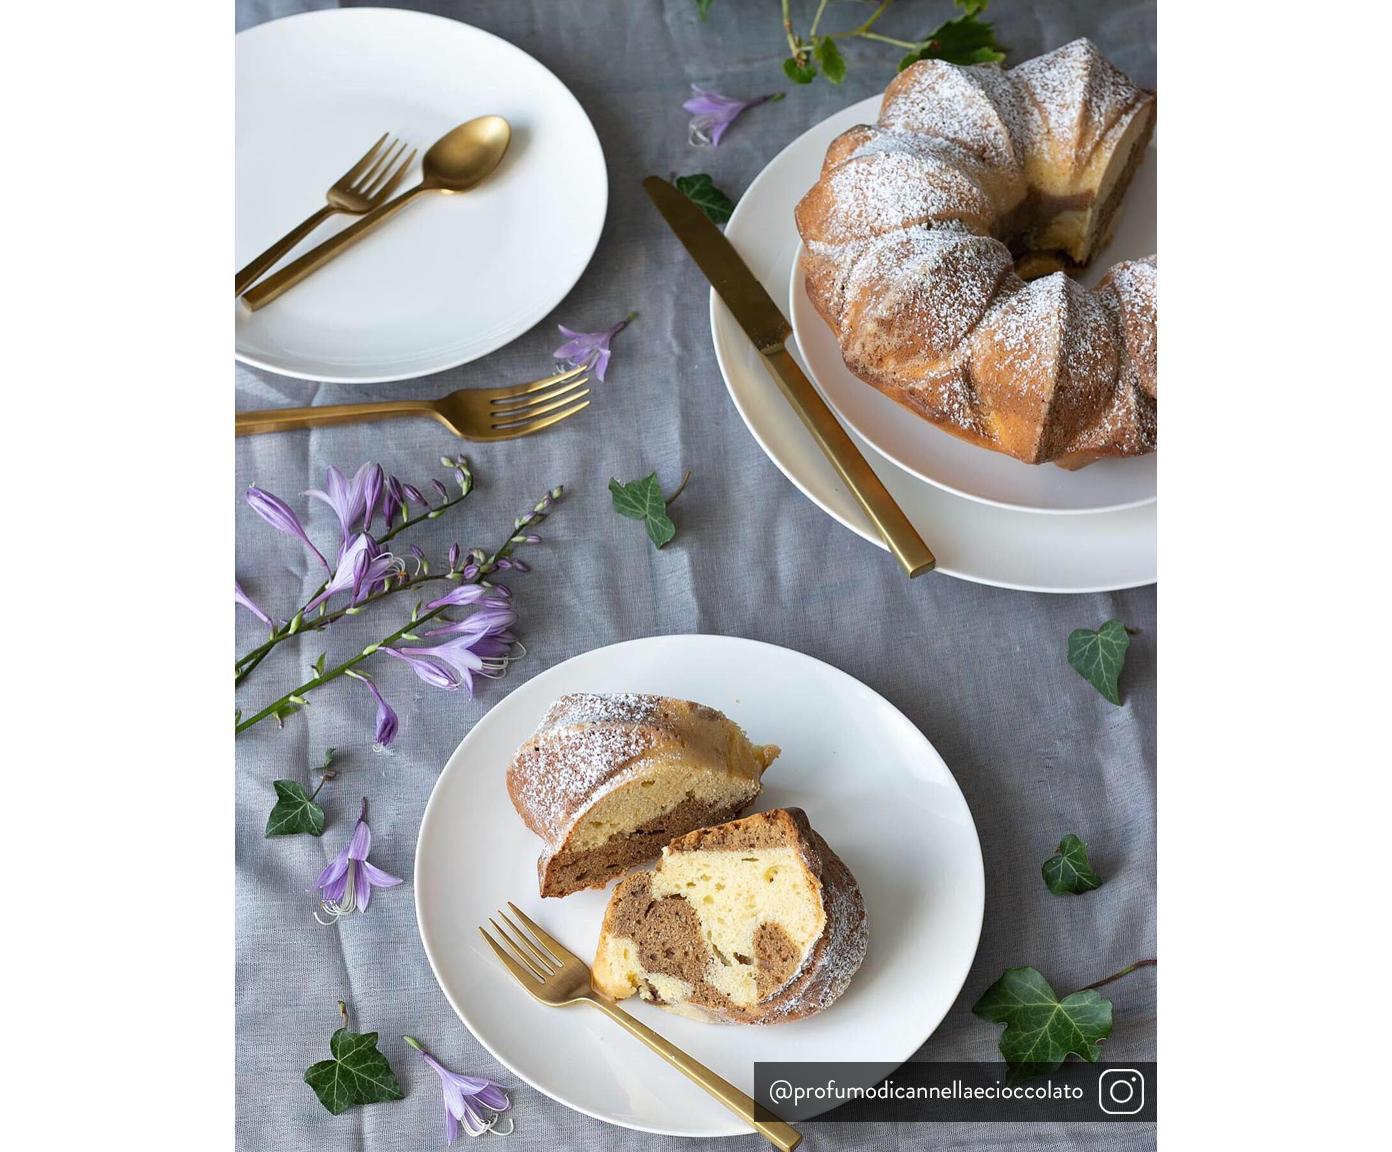 Porzellan-Frühstücksteller Delight Modern in Weiss, 2 Stück, Porzellan, Weiss, Ø 20 cm